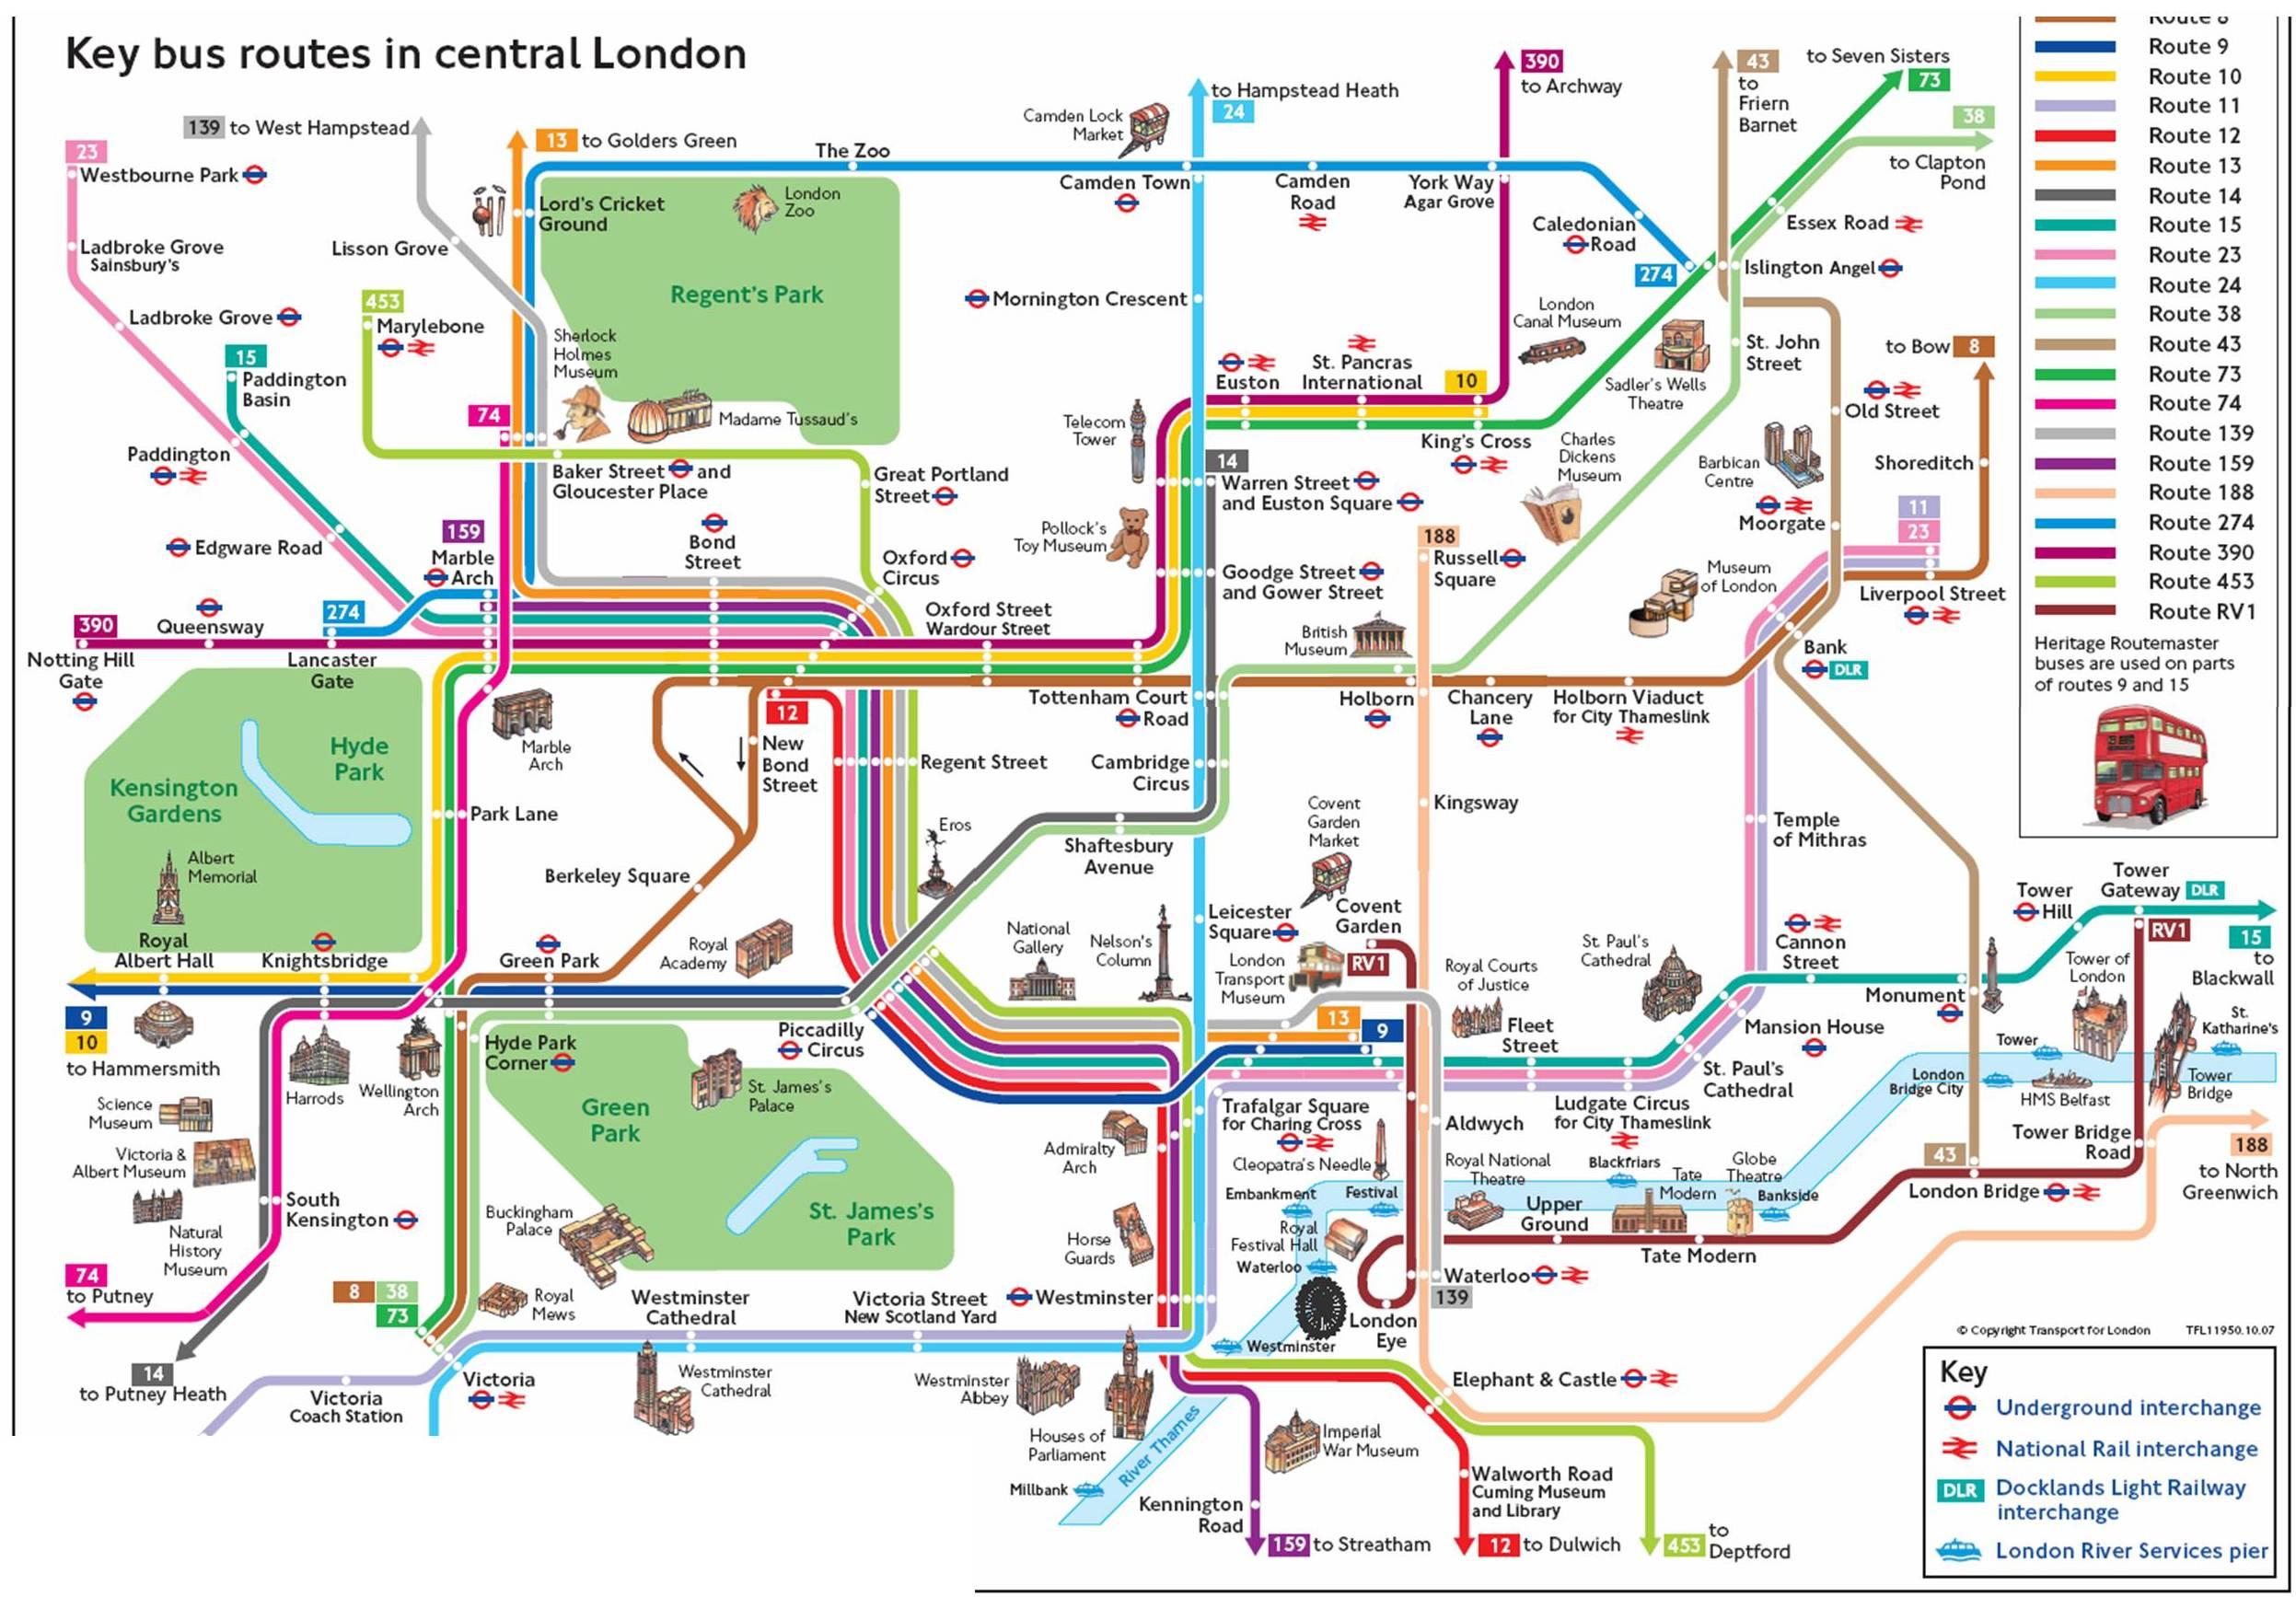 Xarths Metro Toy Londinoy Ekdotikh Fwtografia Eikona Apo Basileio